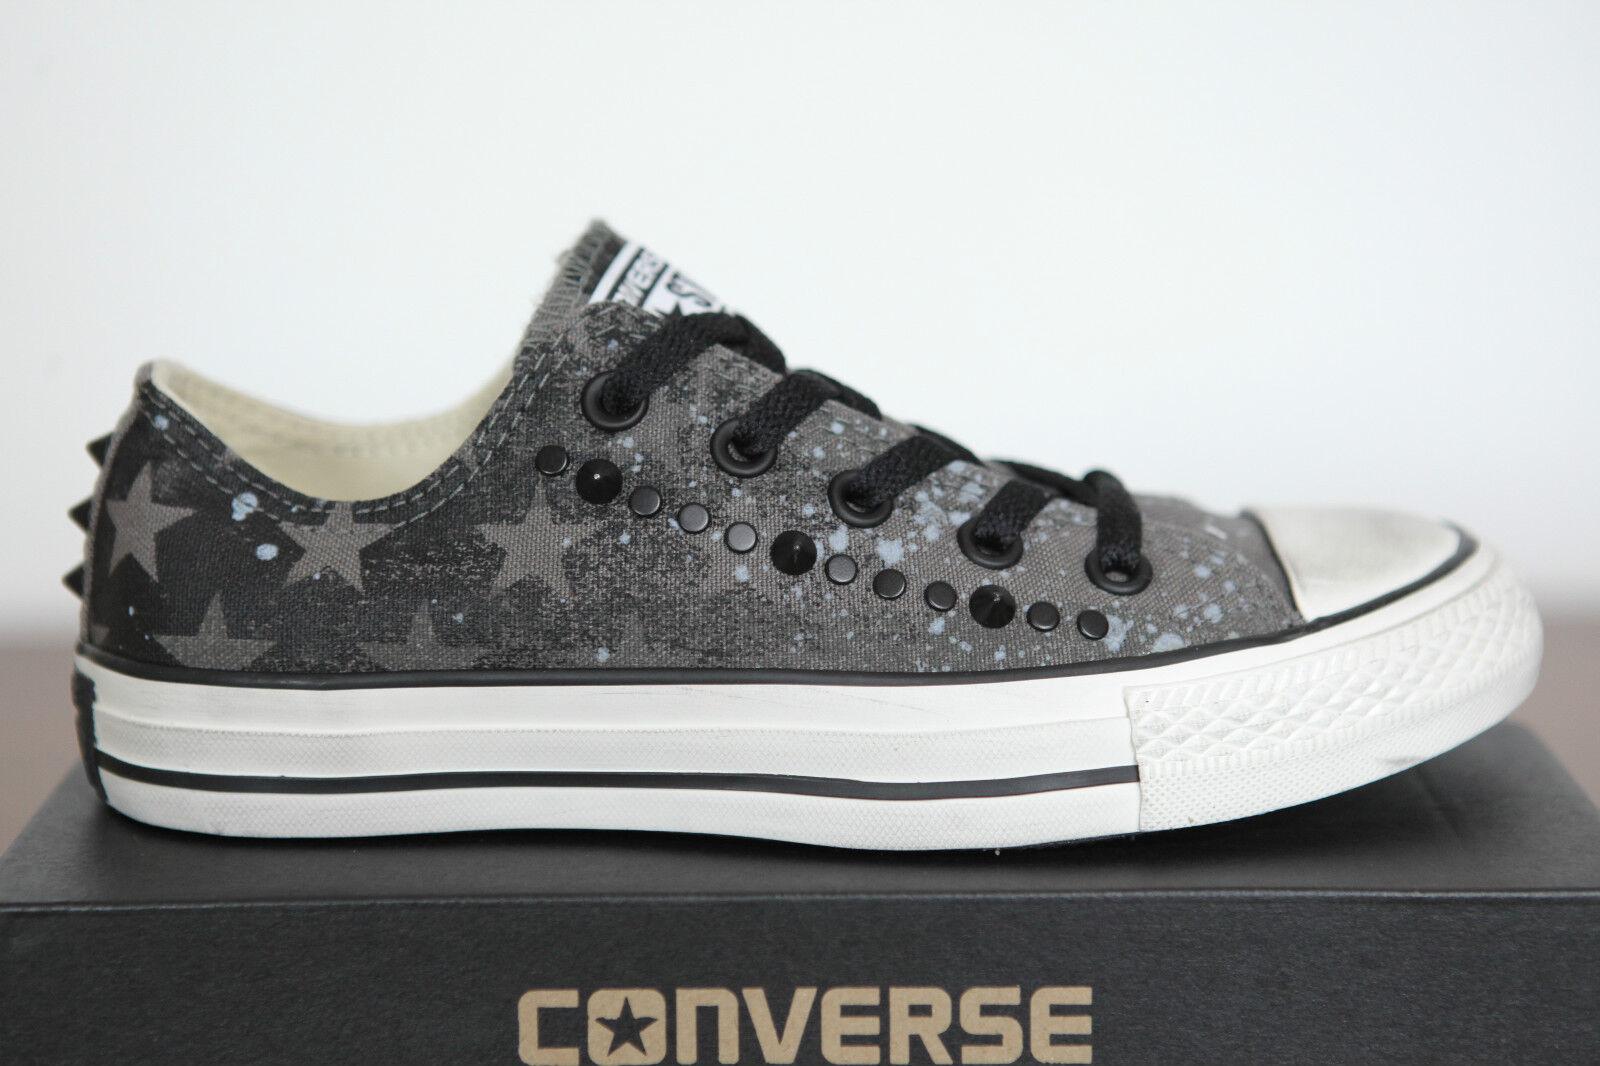 Neu Bll Star Converse Chucks low Sneaker Schuhe Charcoal Studded 142221c